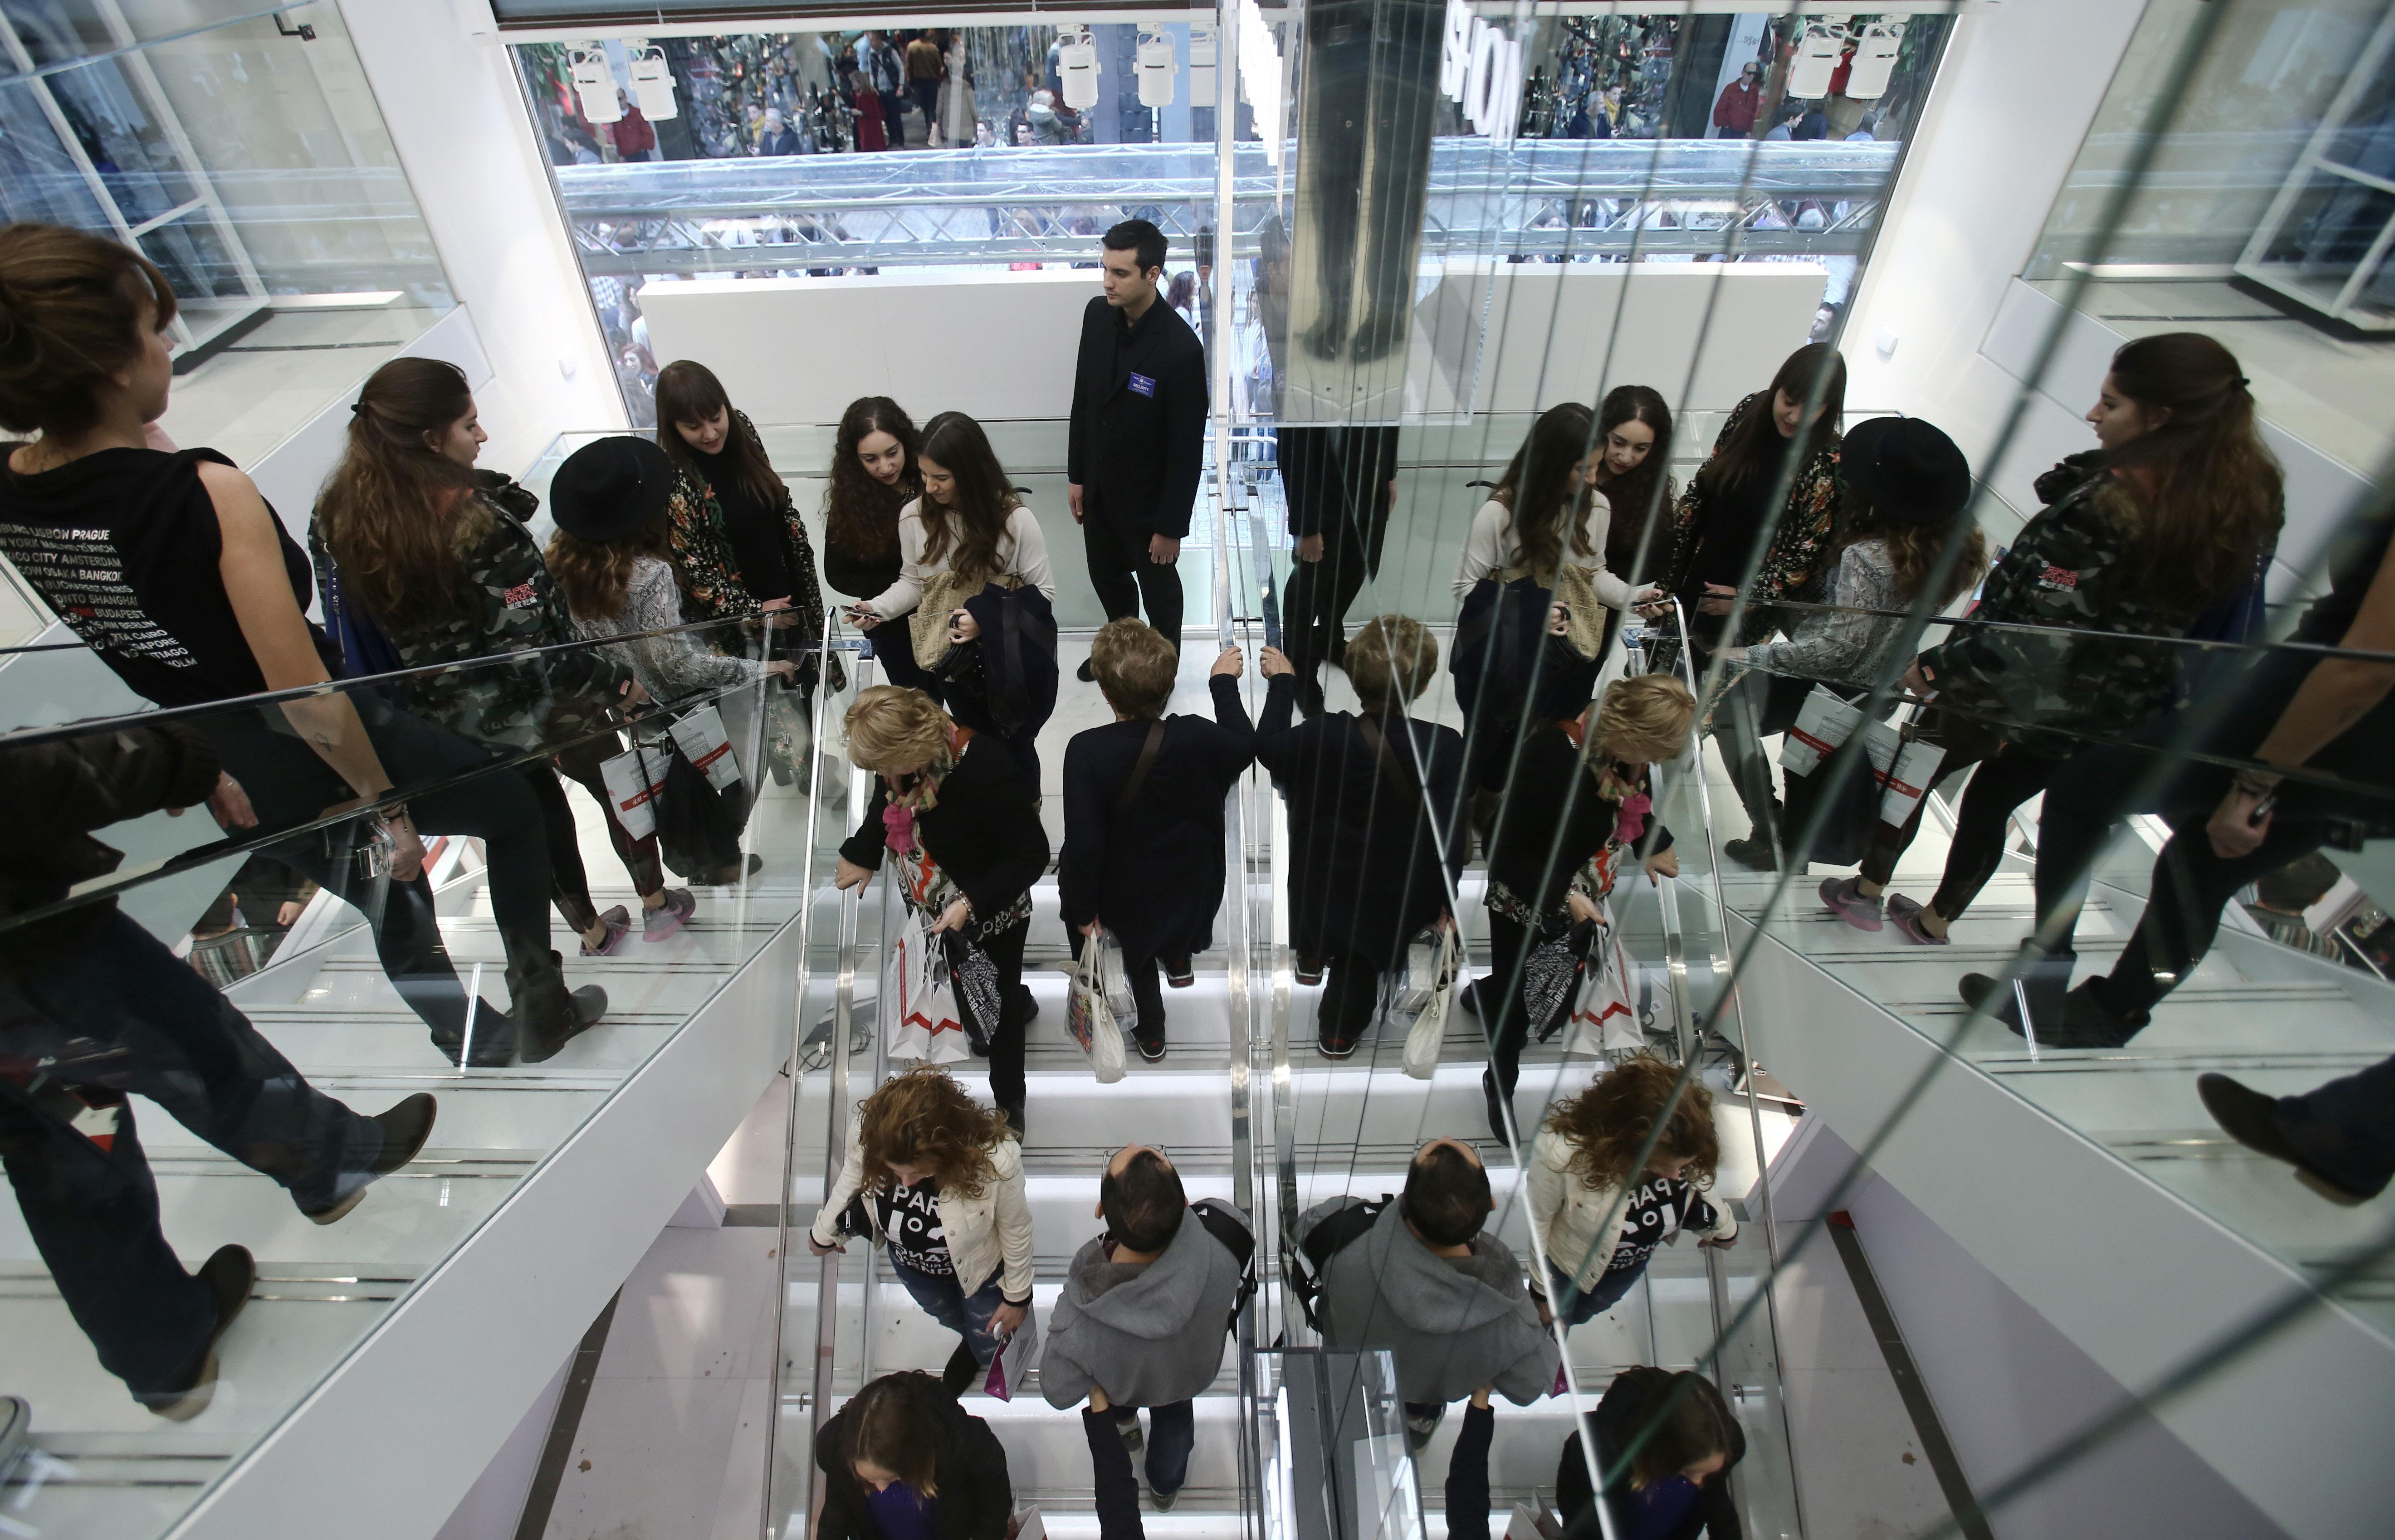 Κομισιόν: Στο 2,5% η ανάπτυξη της ελληνικής οικονομίας το 2018 και το